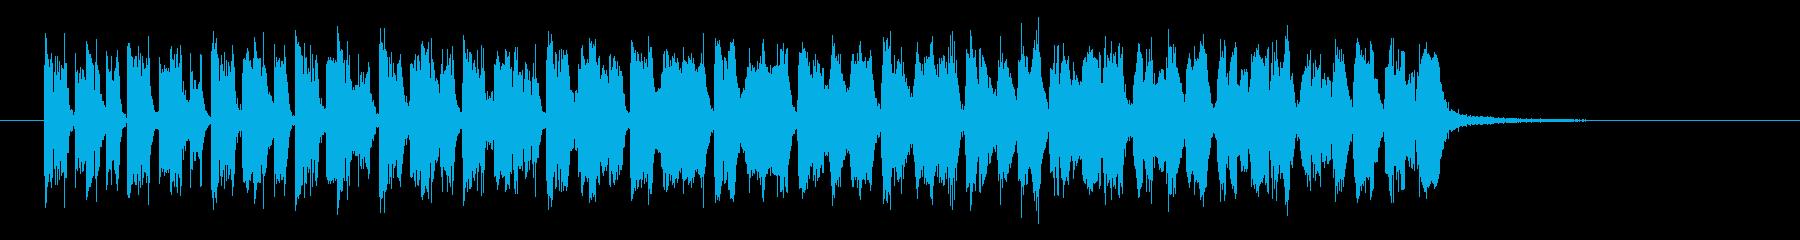 近未来的なビートがクールなテクノの再生済みの波形